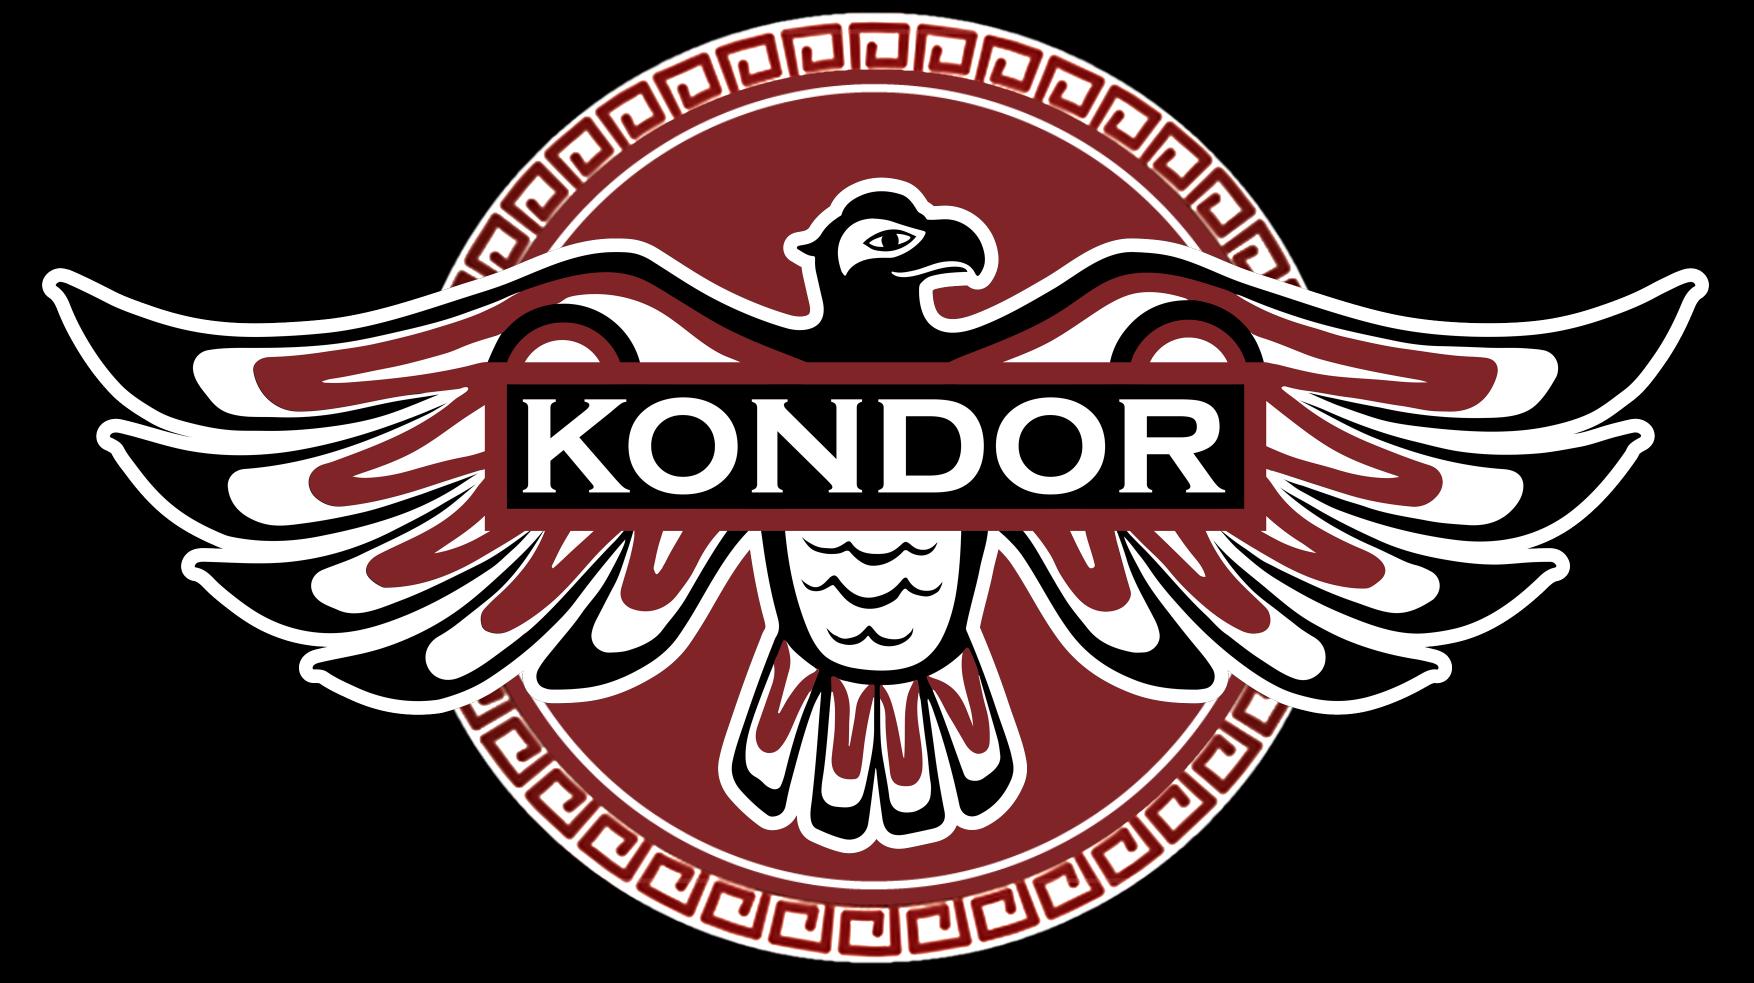 Kondor - купить в интернет магазине